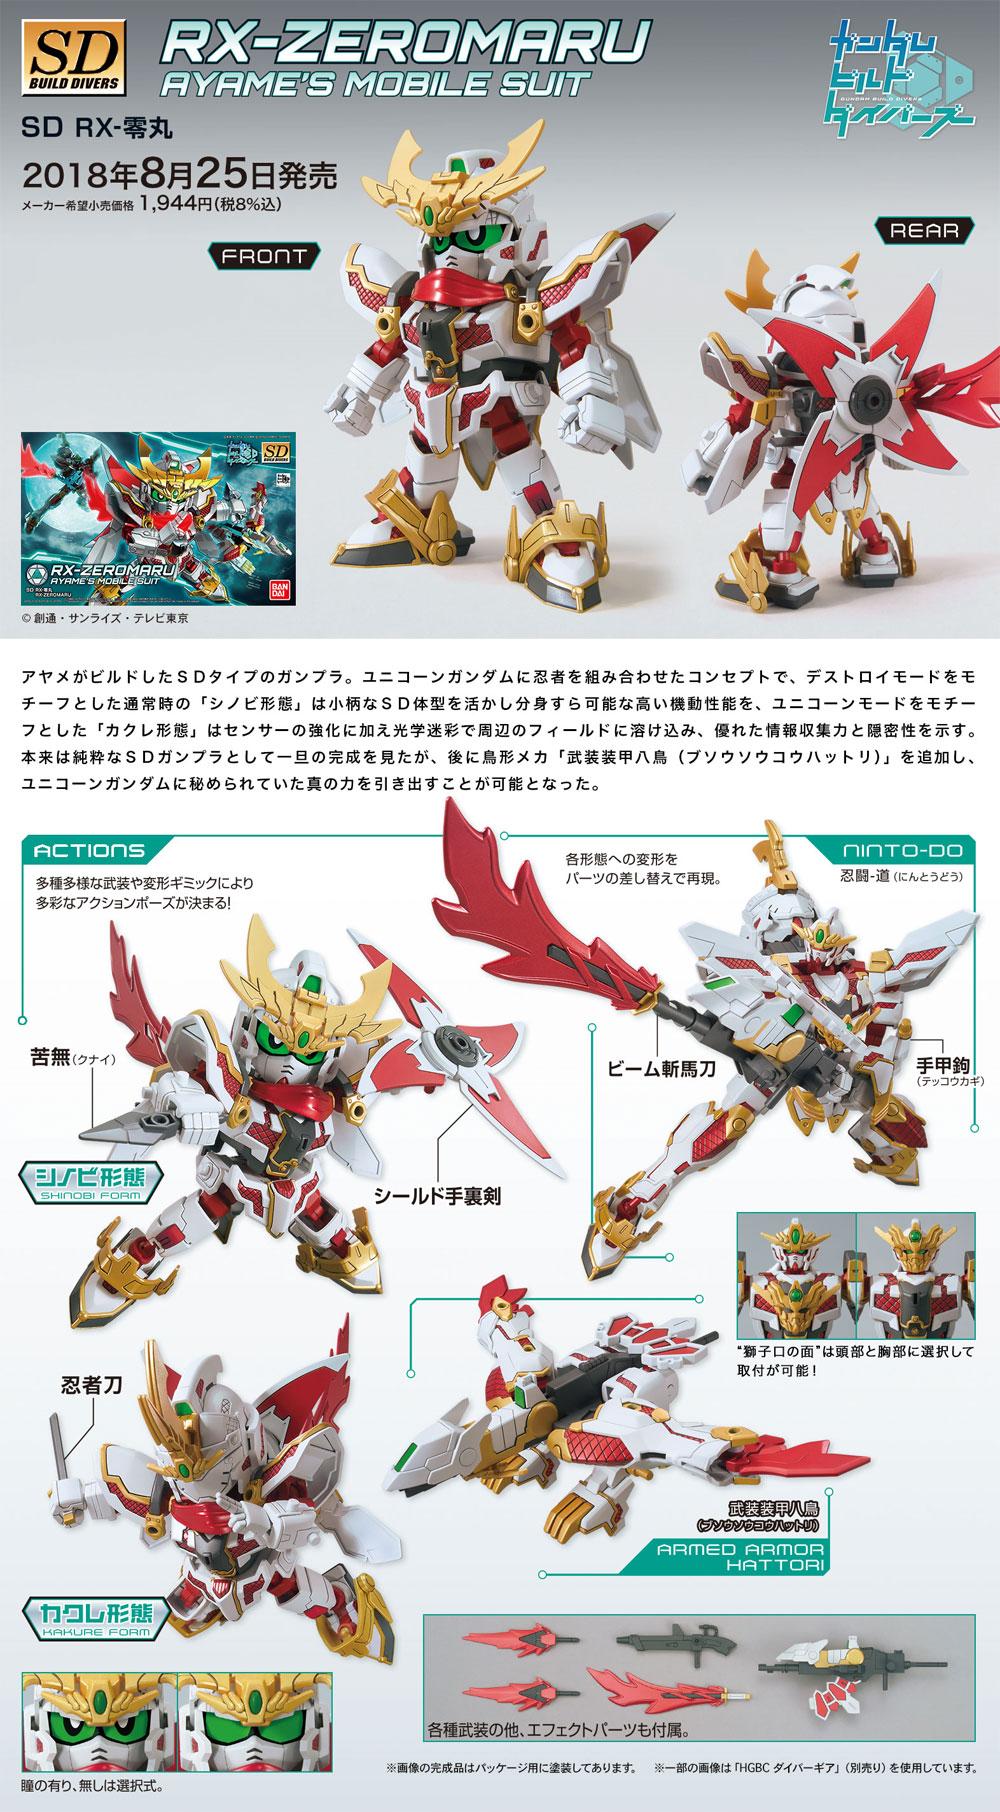 SD RX-零丸プラモデル(バンダイHGBD ガンダムビルドダイバーズNo.013)商品画像_4